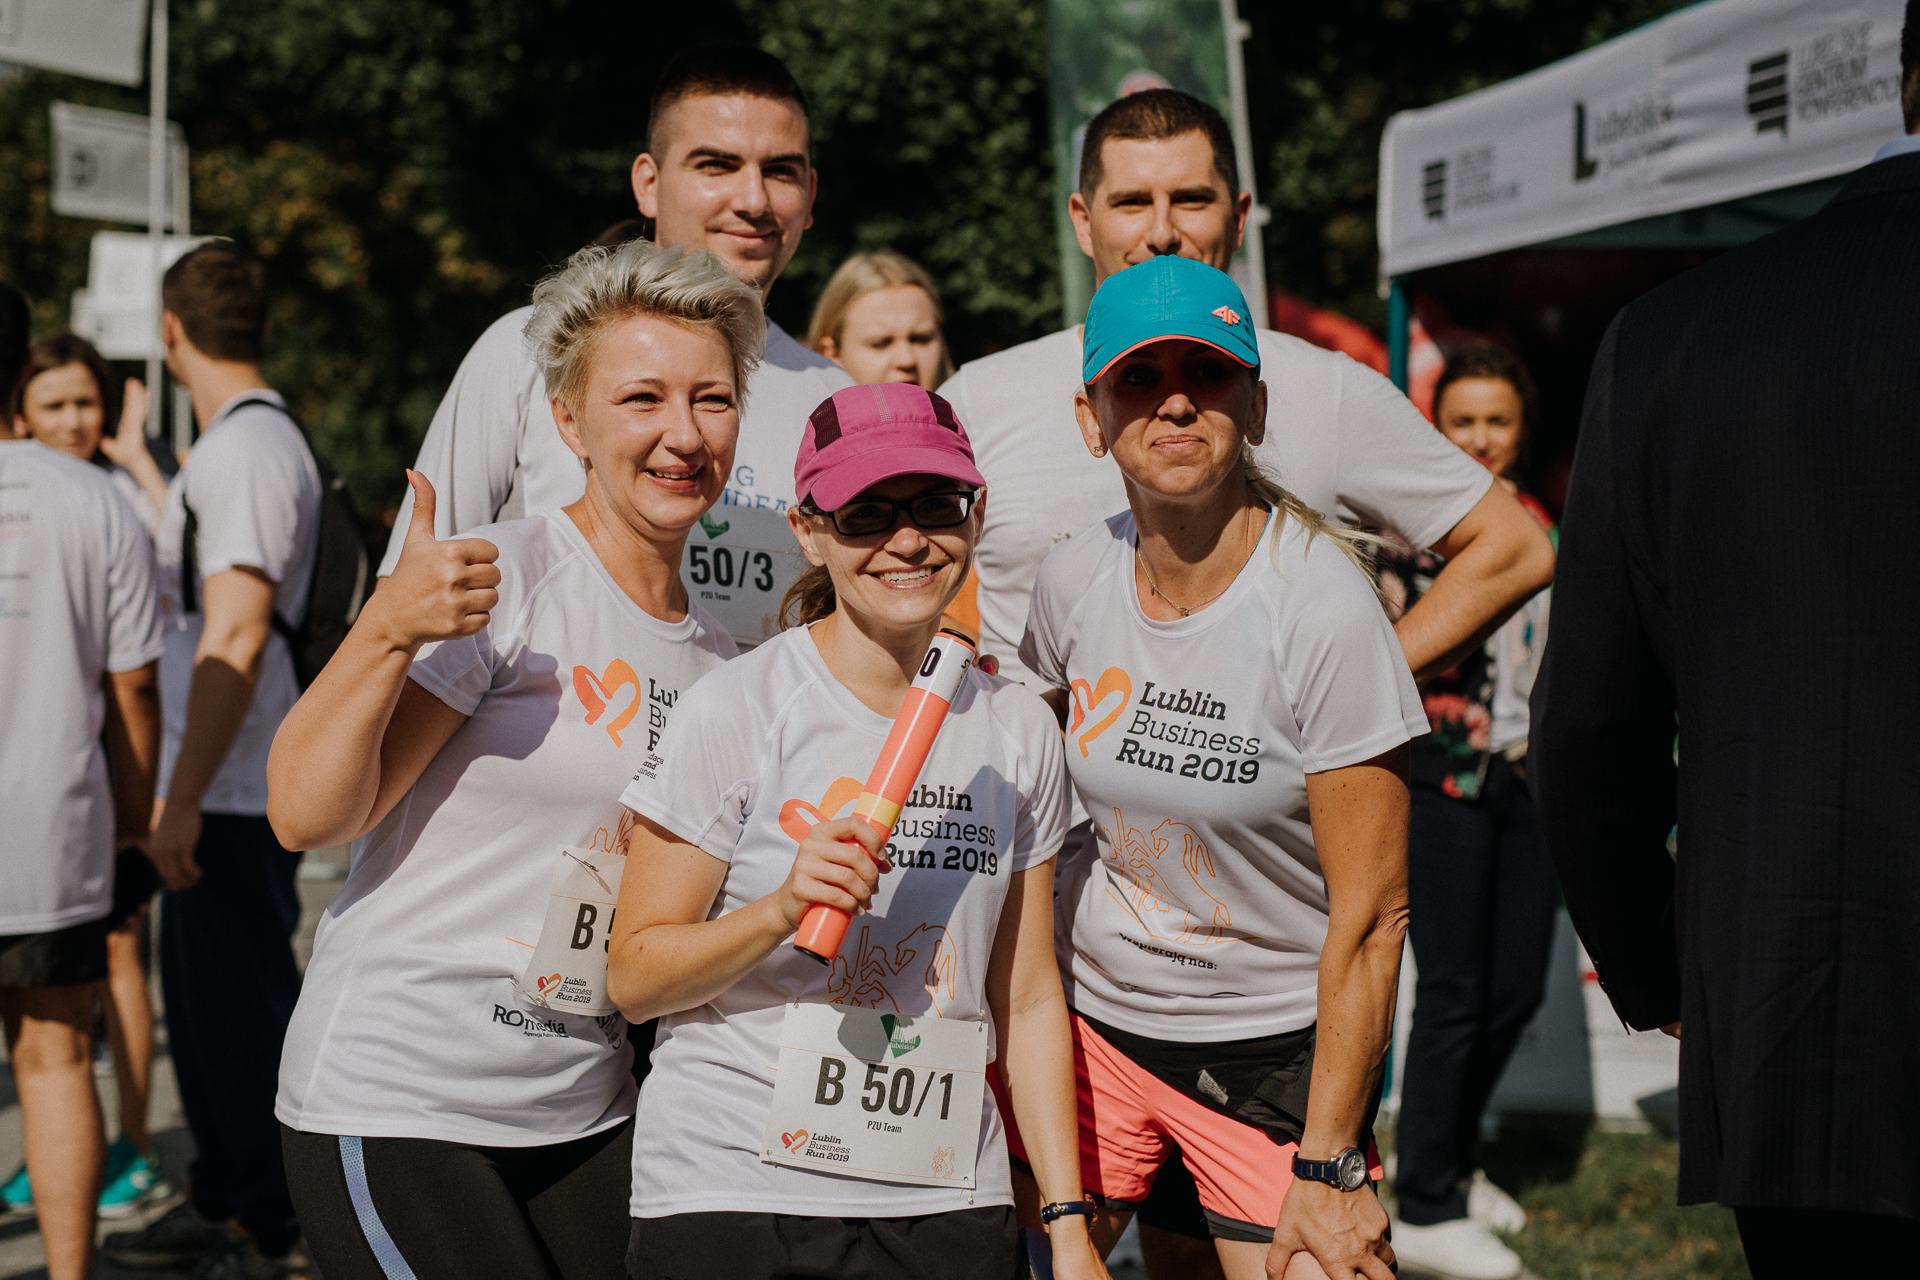 Województwo lubelskie: Pobiegną, żeby pomóc niepełnosprawnym. W weekend Poland Business Run - Zdjęcie główne